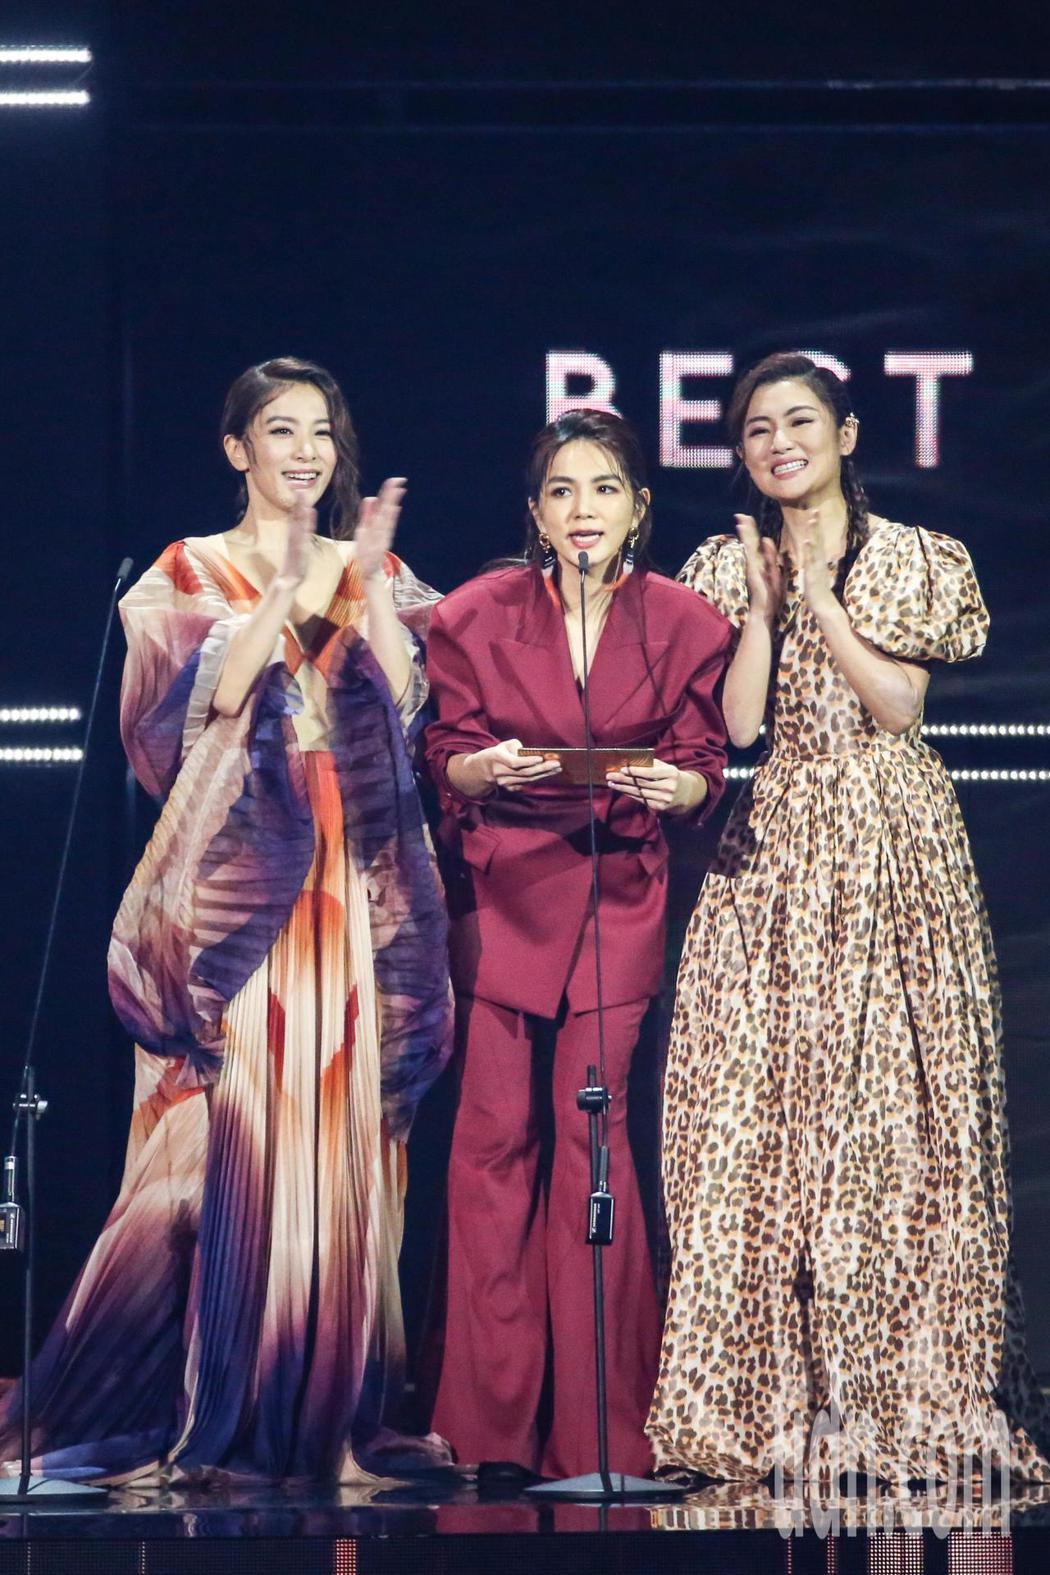 第30屆金曲獎,SHE擔任頒獎人。記者林伯東/攝影